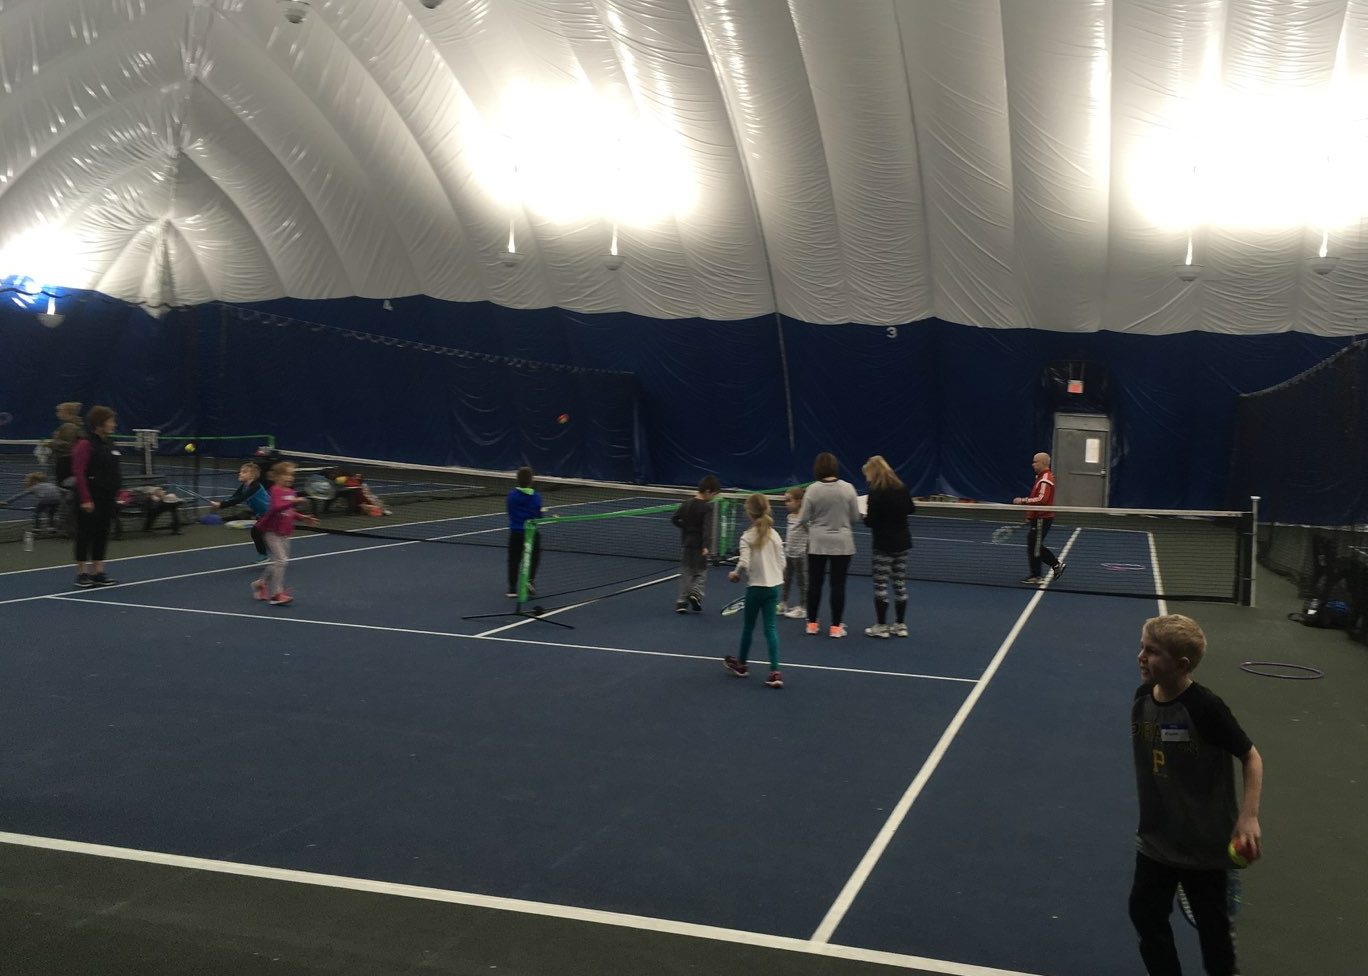 Indoor Courts photo